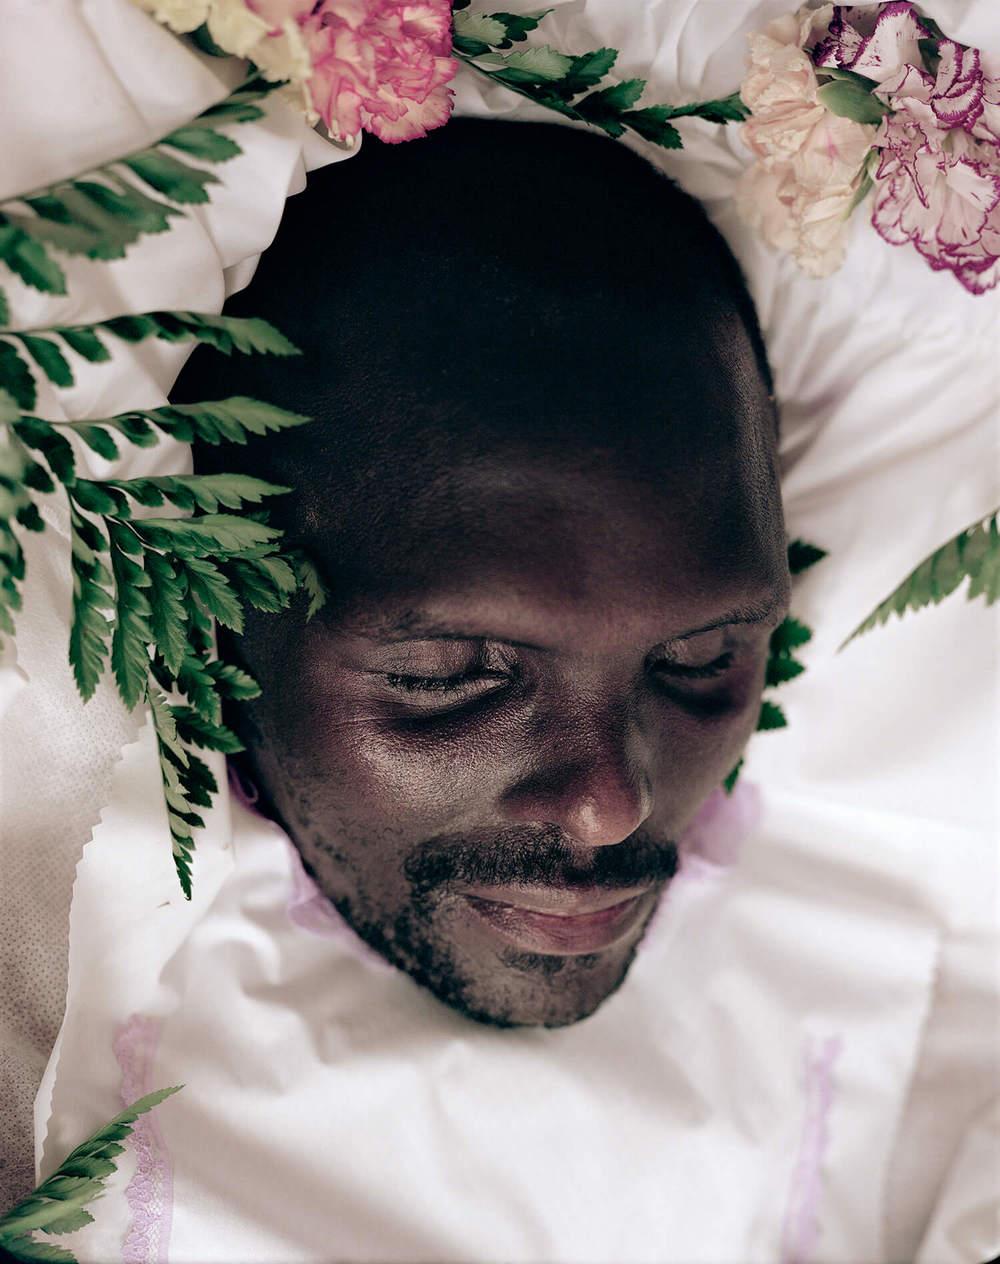 Celias Mafonyelle, S.Africa (c-type print, 30x40-, 2004)